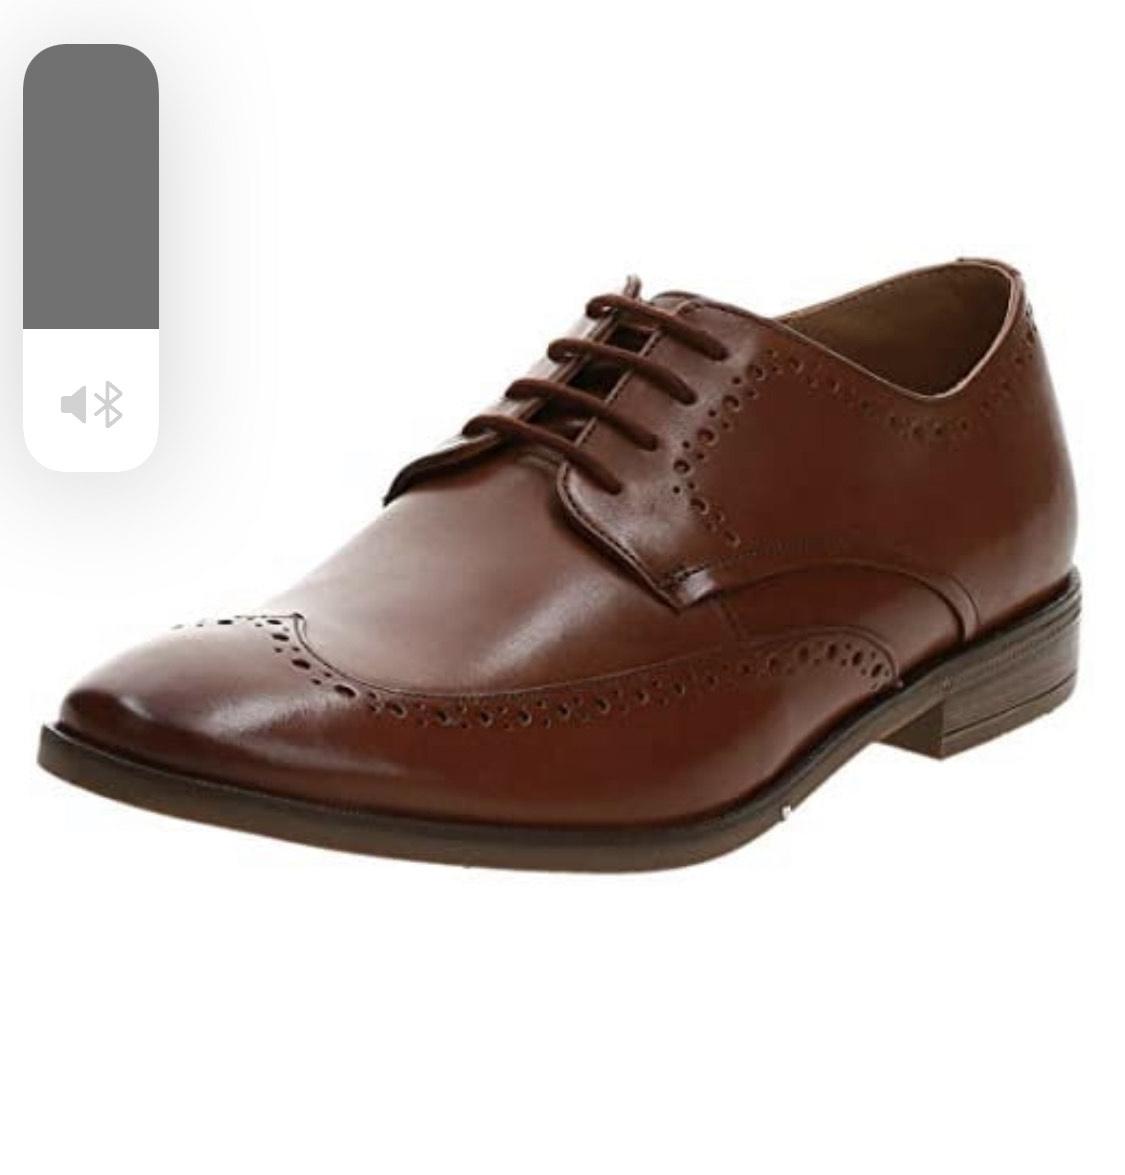 Clark's schoenen